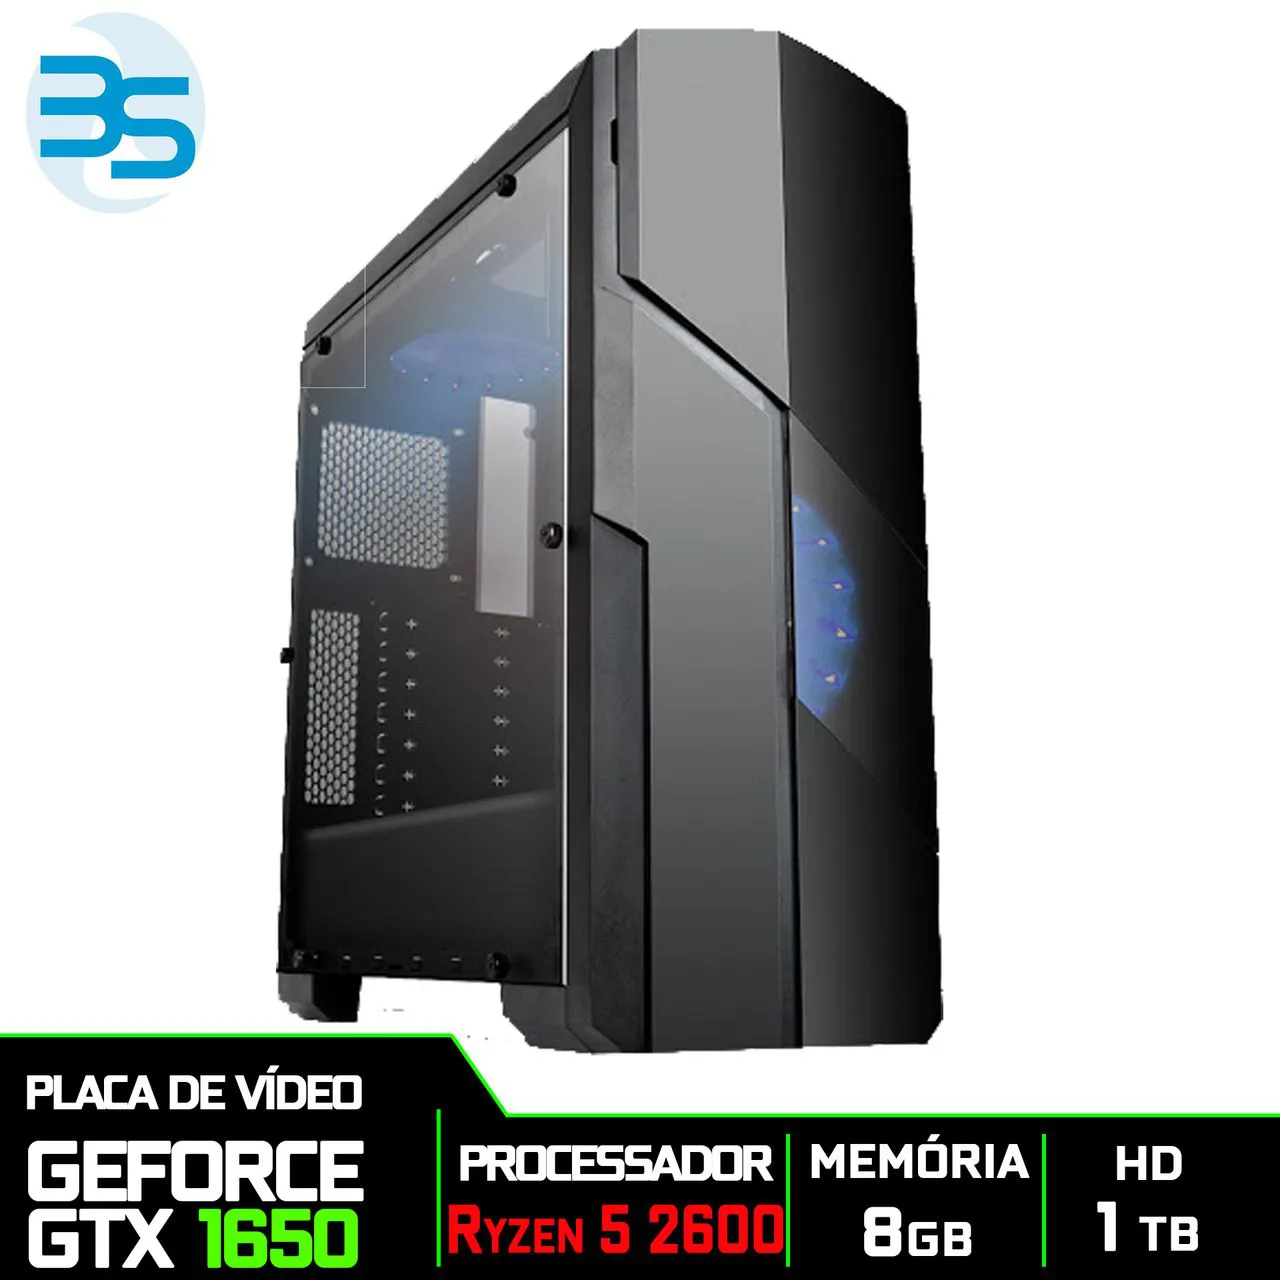 Computador Gamer AMD Ryzen 5 2600, HD 1TB, 8GB DDR4, 500W, GTX 1650 4GB